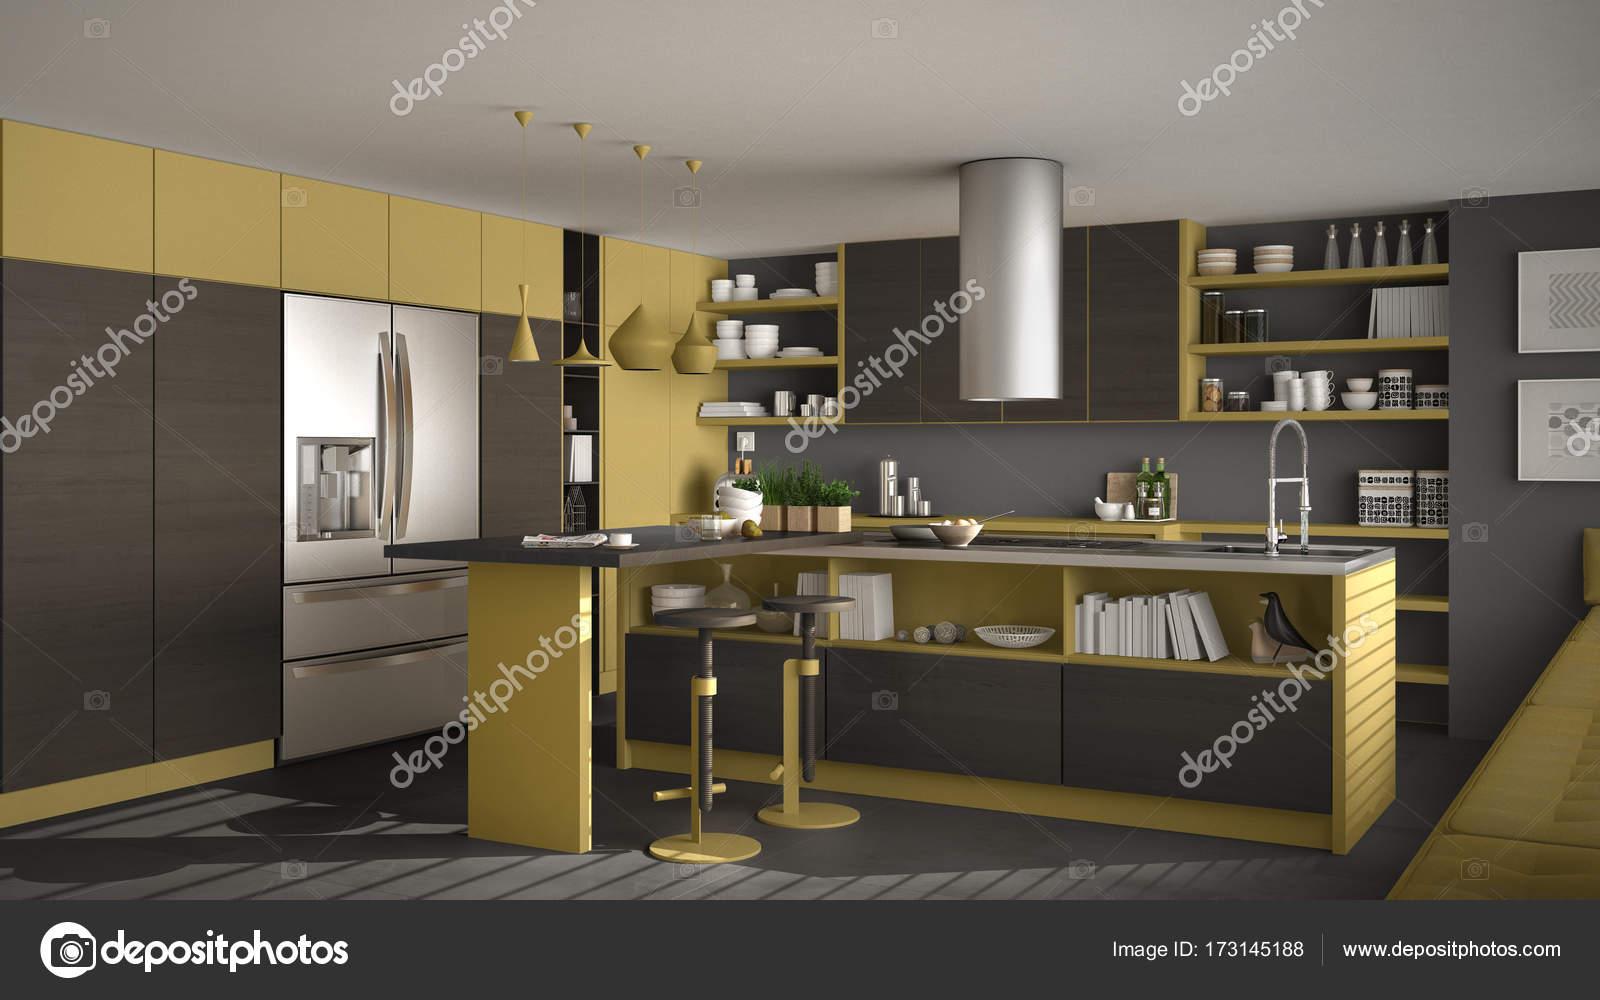 Moderna Cozinha De Madeira Com Detalhes Em Madeira Cinza E Amarela